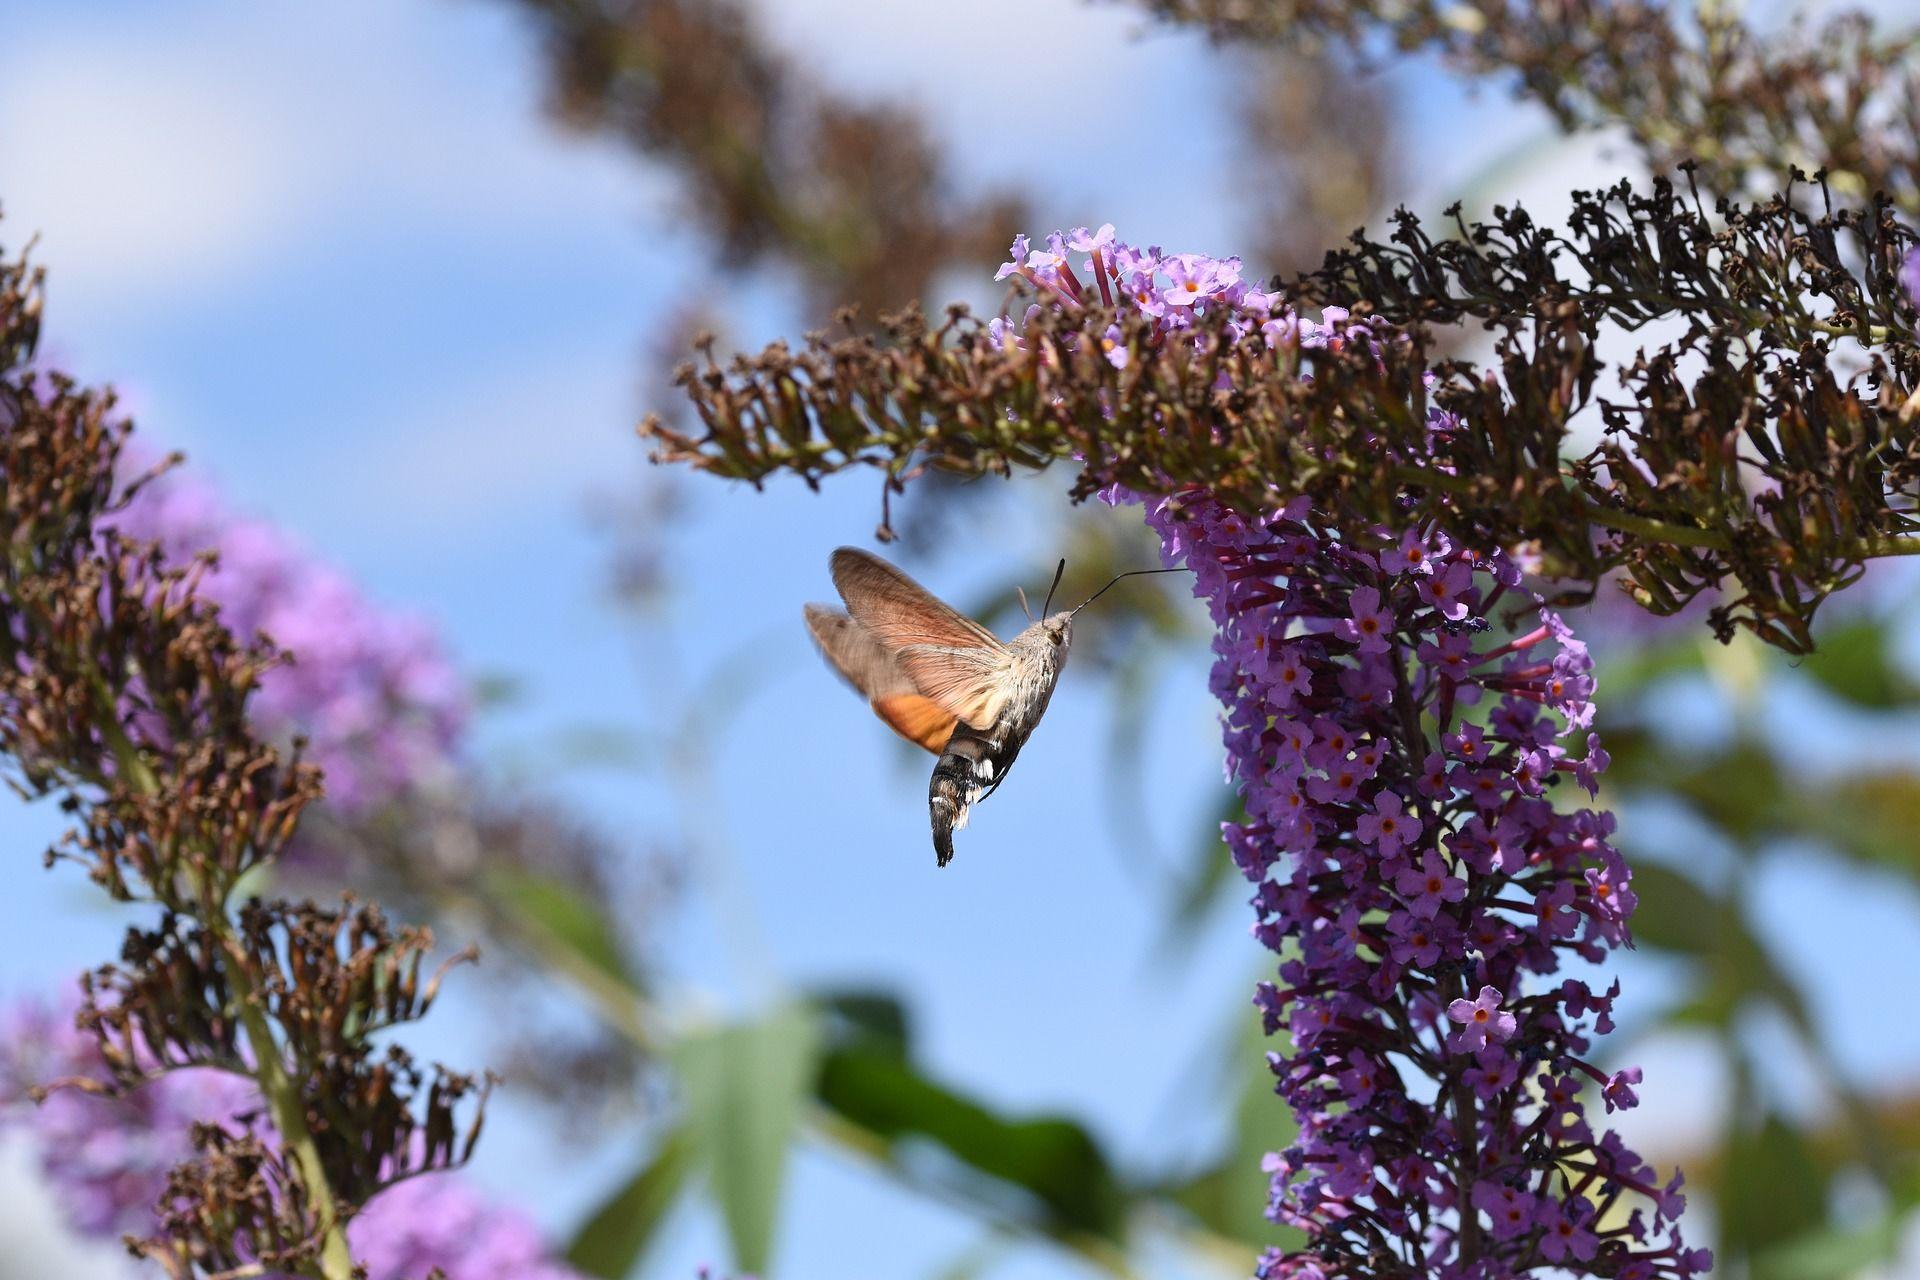 Скачать картинку бабочки бражника